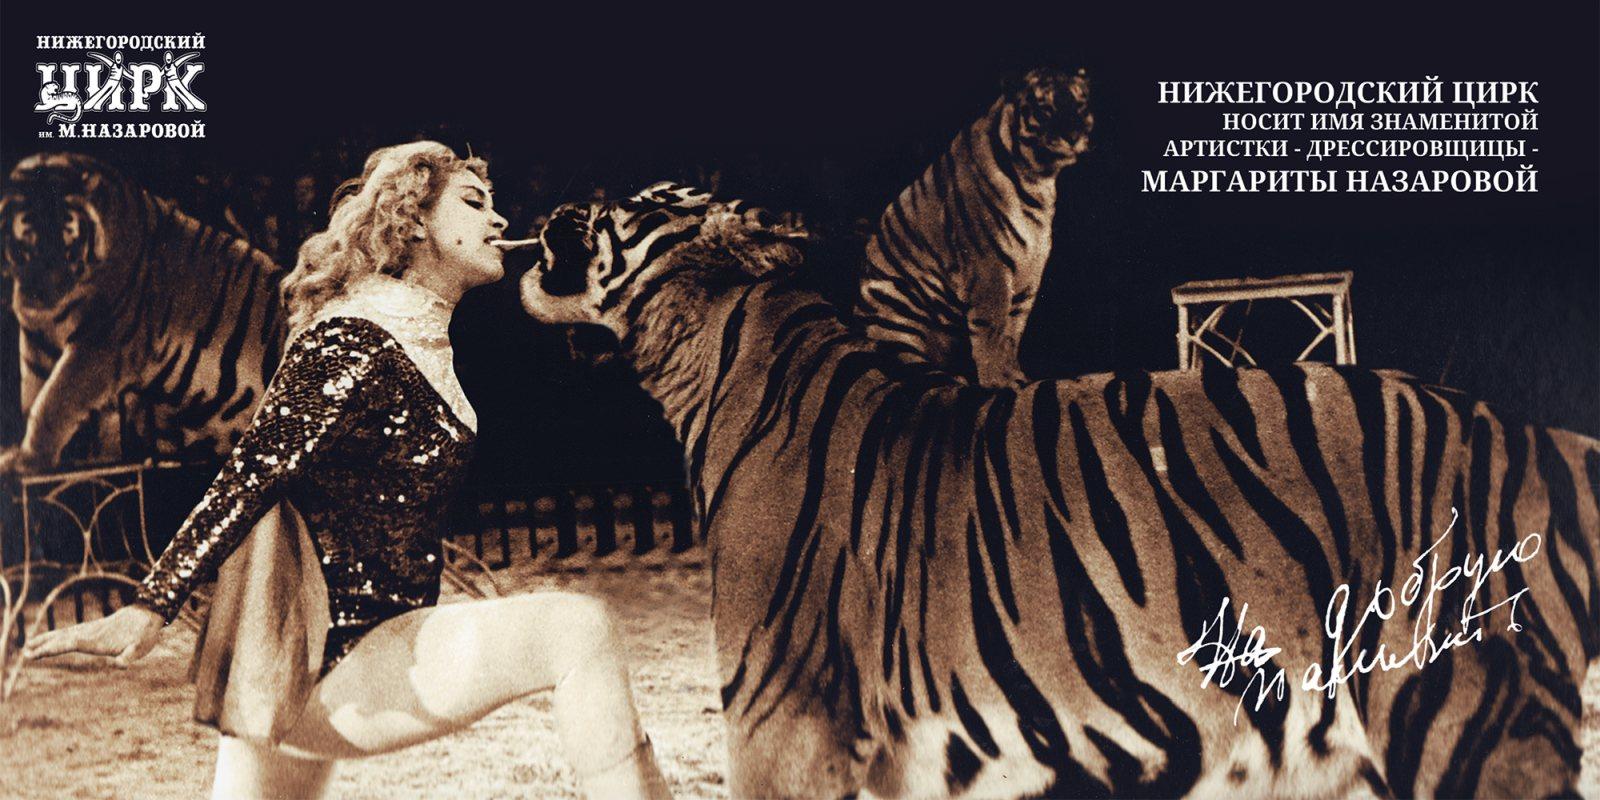 всему парку фото биография назарова цирк все подробности